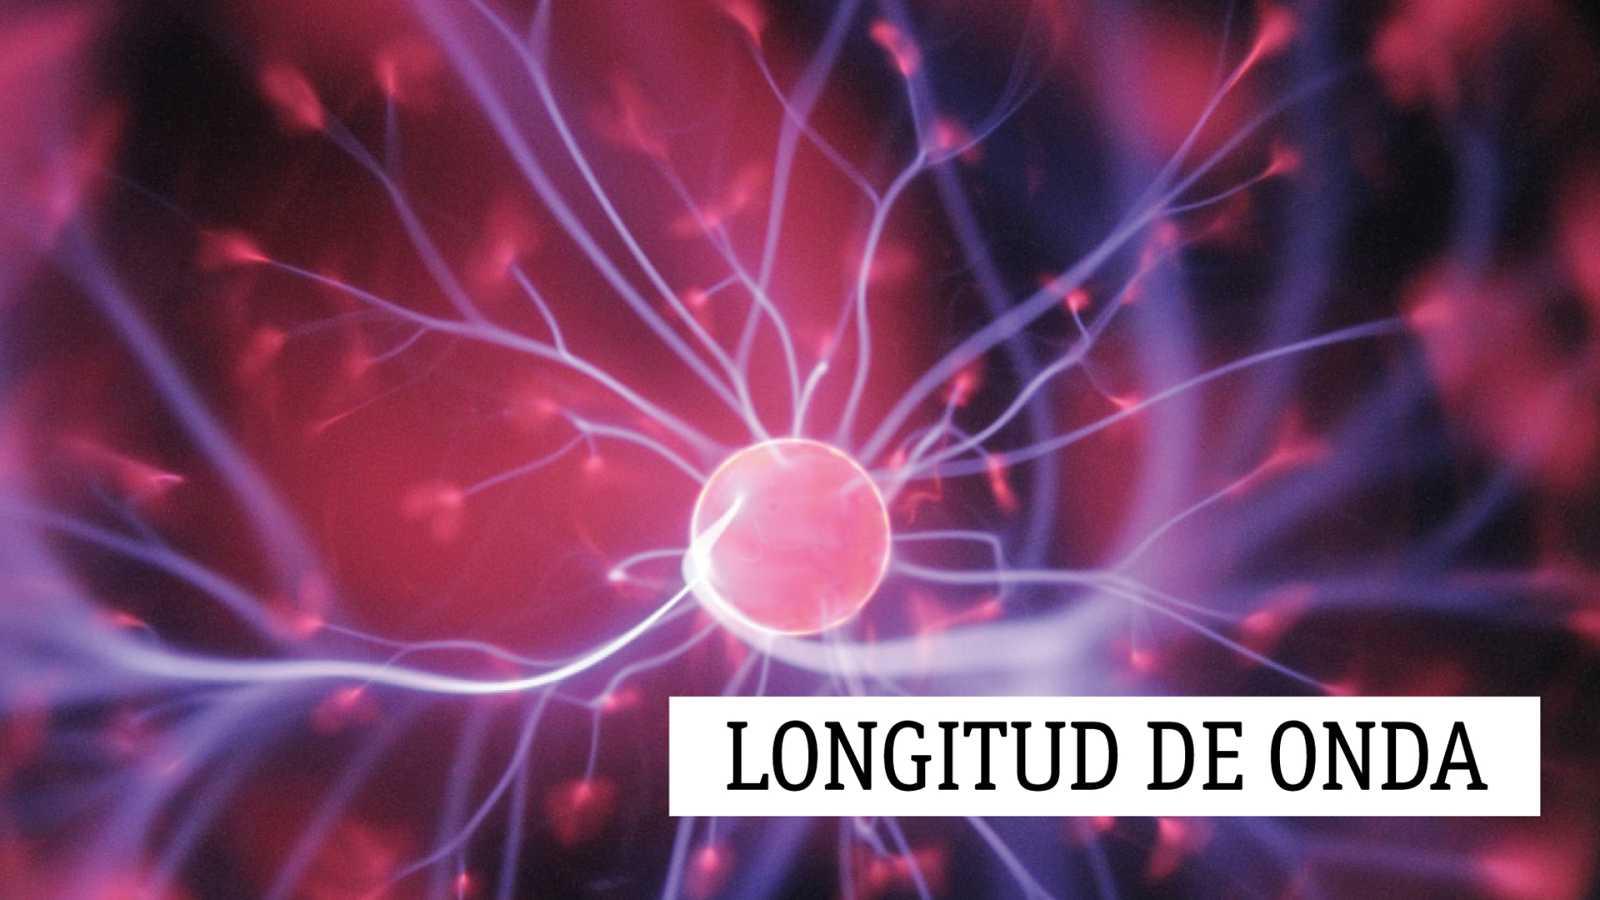 Longitud de onda - A vueltas con la calidad del sonido - 26/11/19 - escuchar ahora